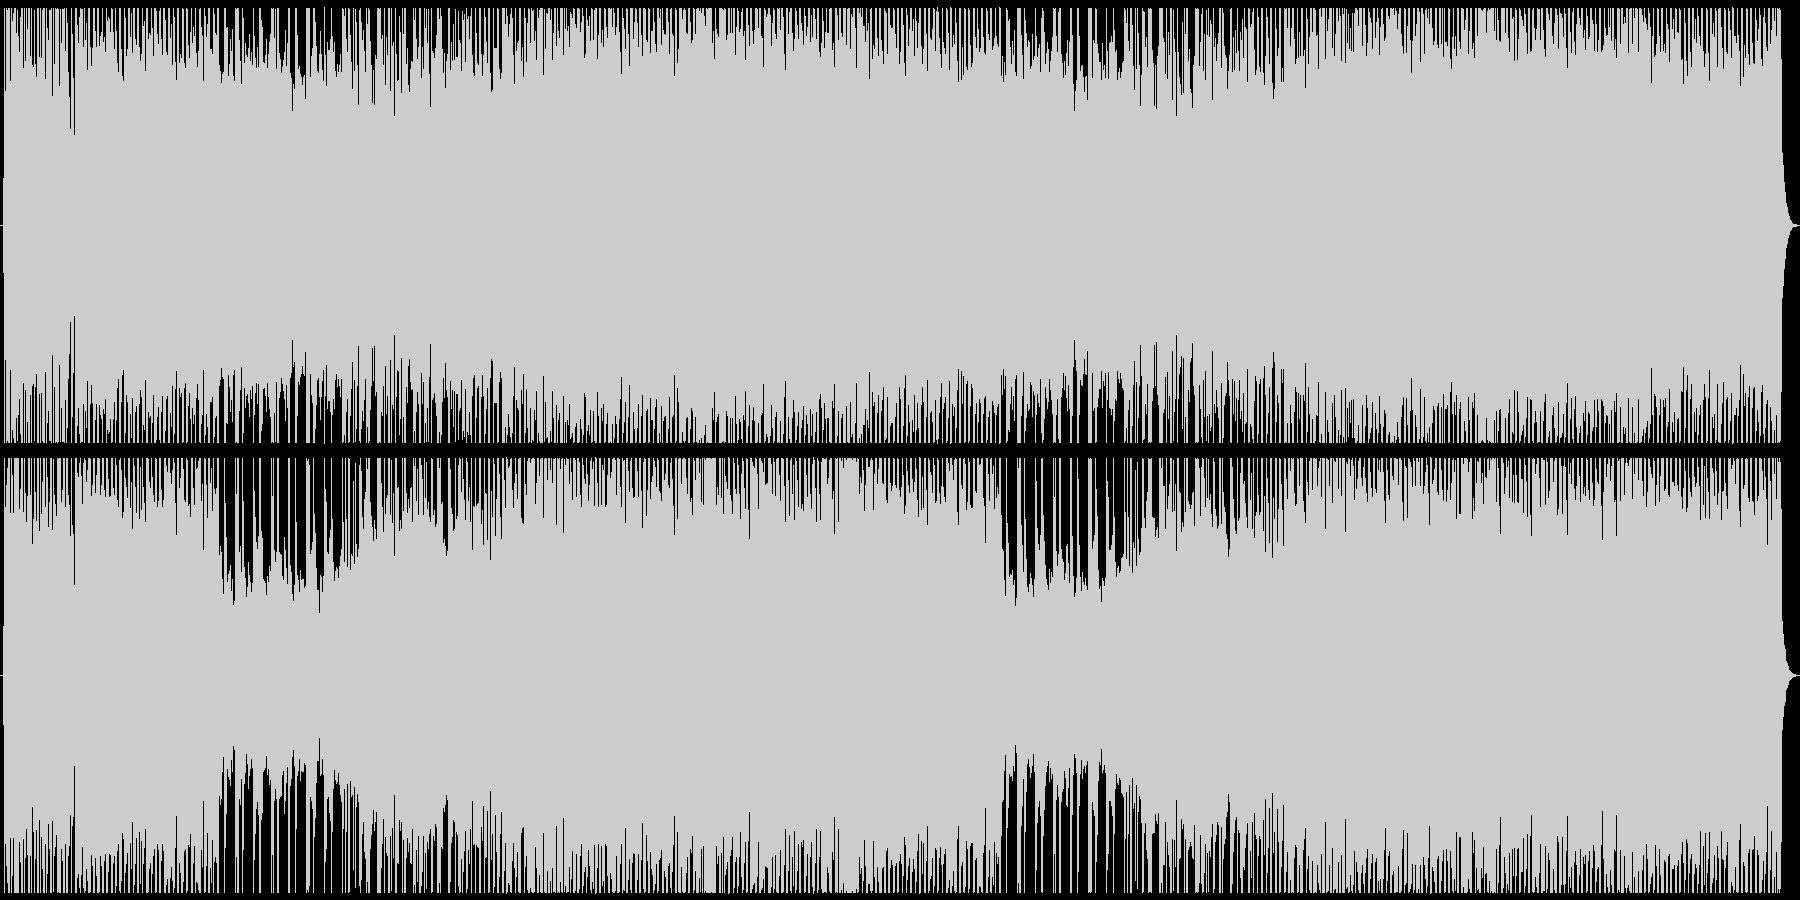 尺八が奏でる和風ロック!の未再生の波形